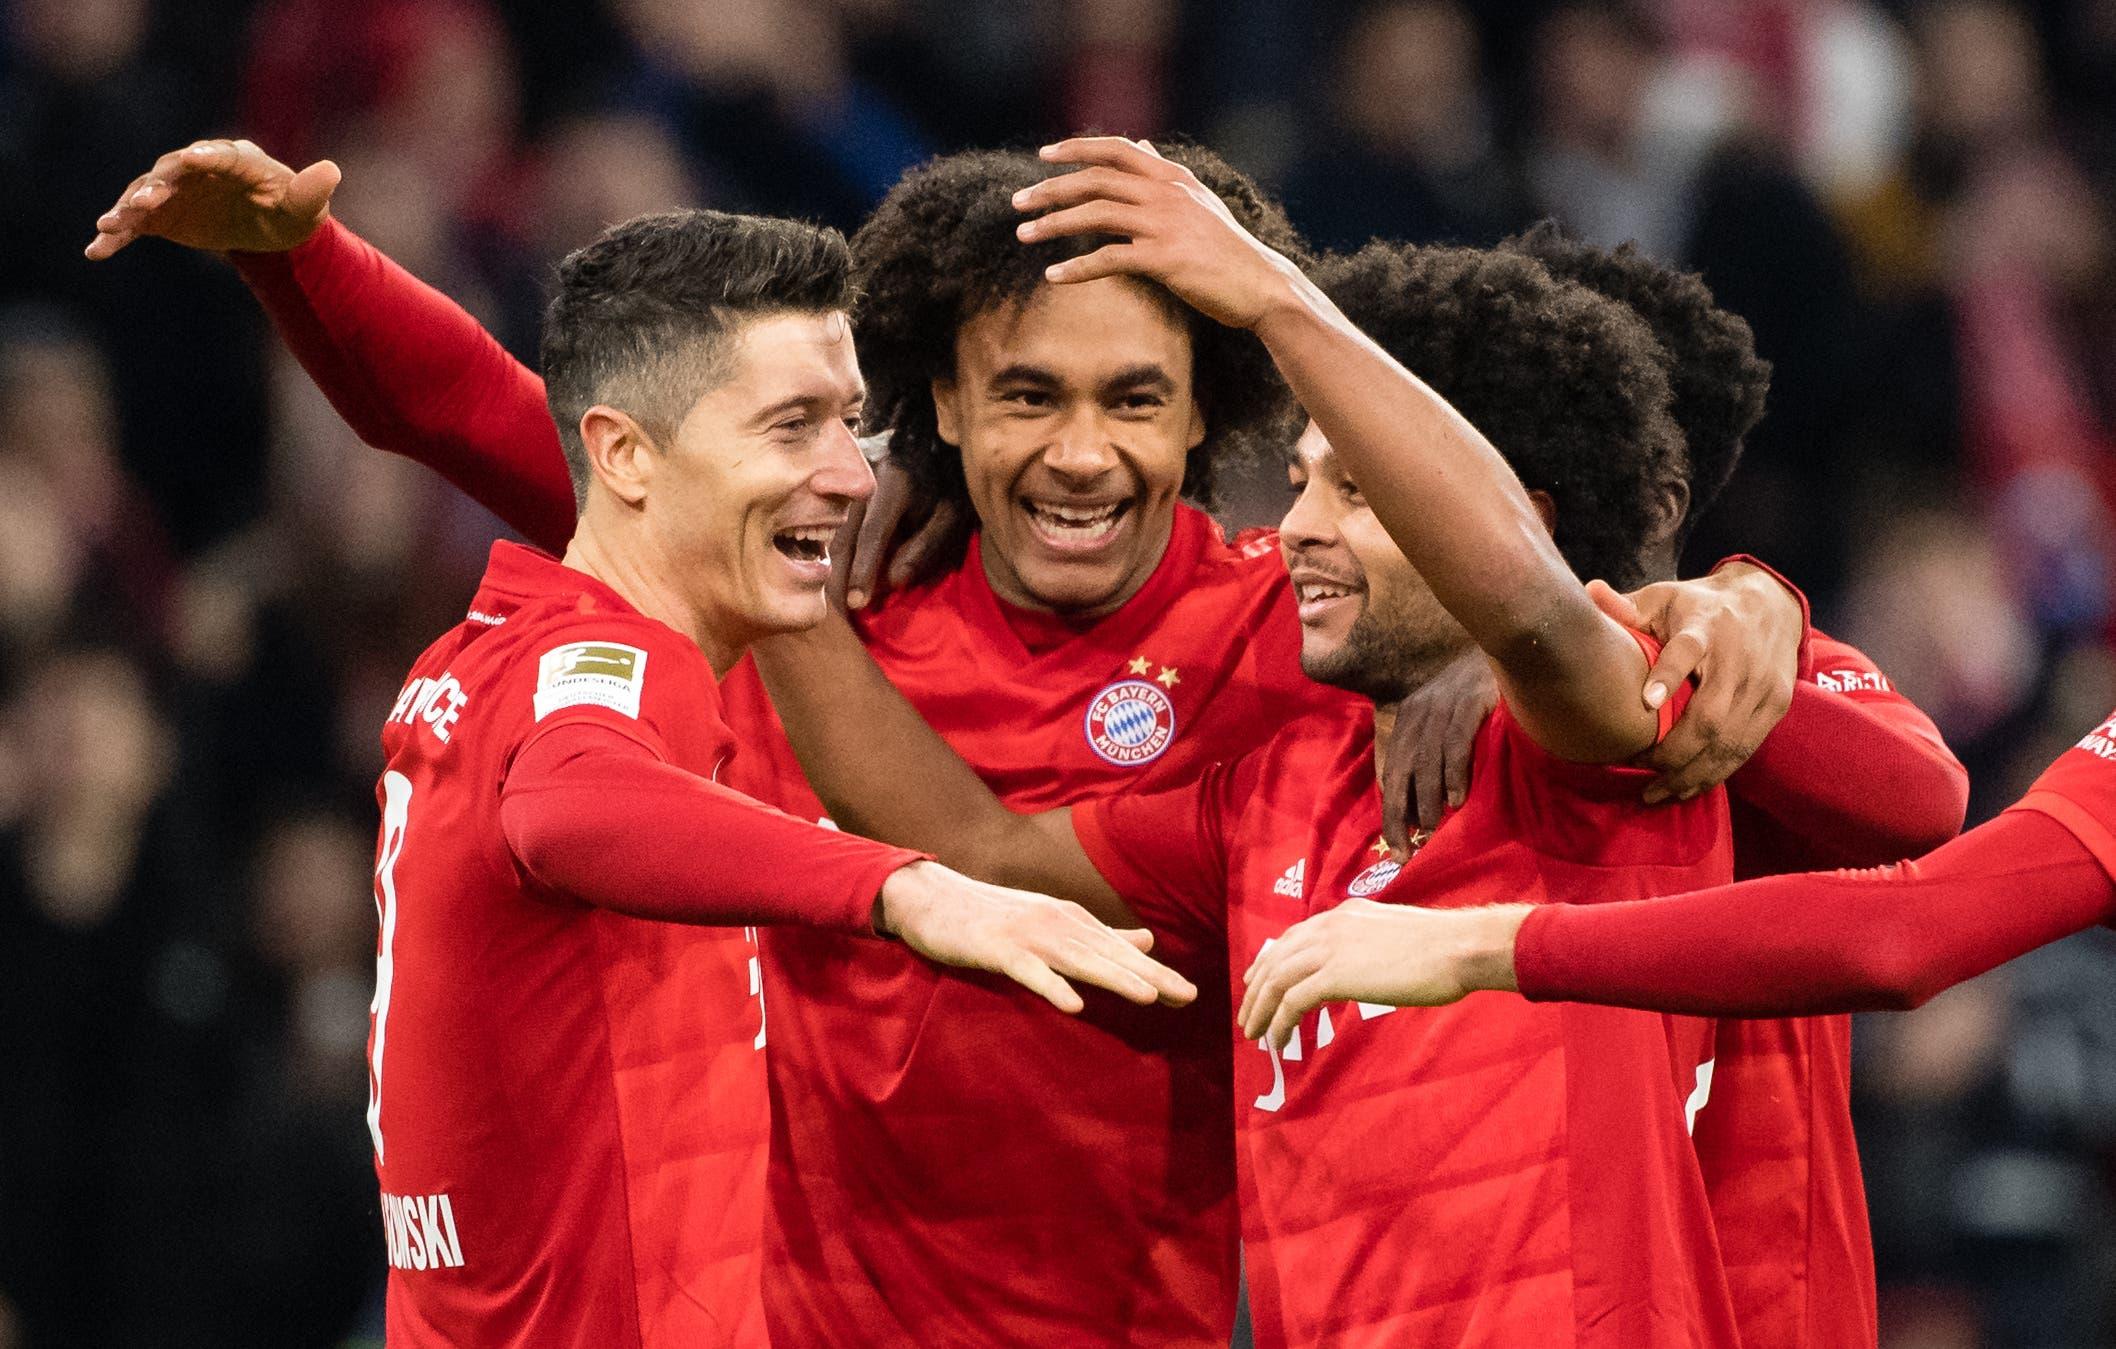 Bayern MünchenTabellenplatz: 3  Prognose: Rang 2  Begründung: Es wird ein enges Rennen, am Ende setzt sich aber Leipzig durch und holt den ersten Meistertitel.